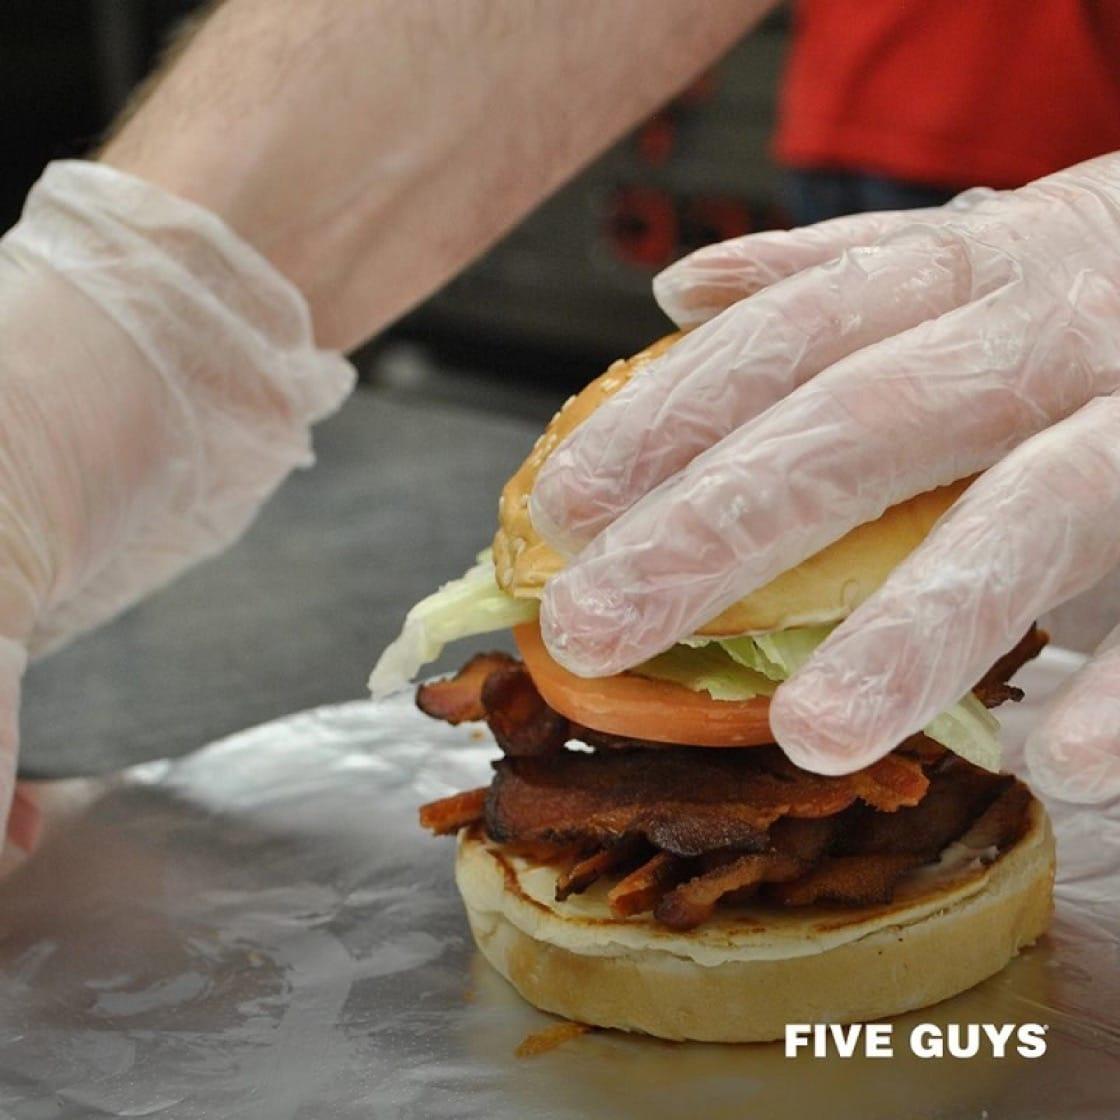 美國人氣漢堡包Five Guys今年登陸香港(圖片:Five Guys面書)